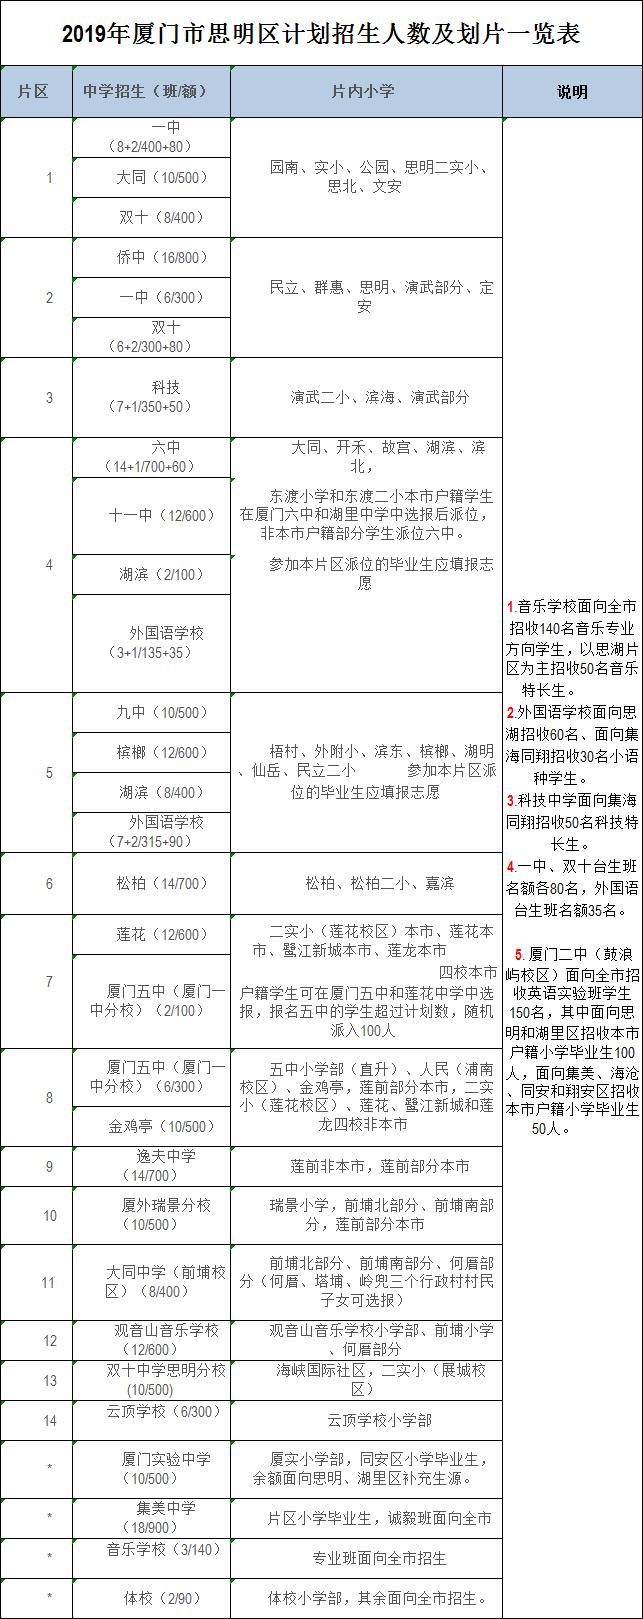 simingzhongxuehuapian.png